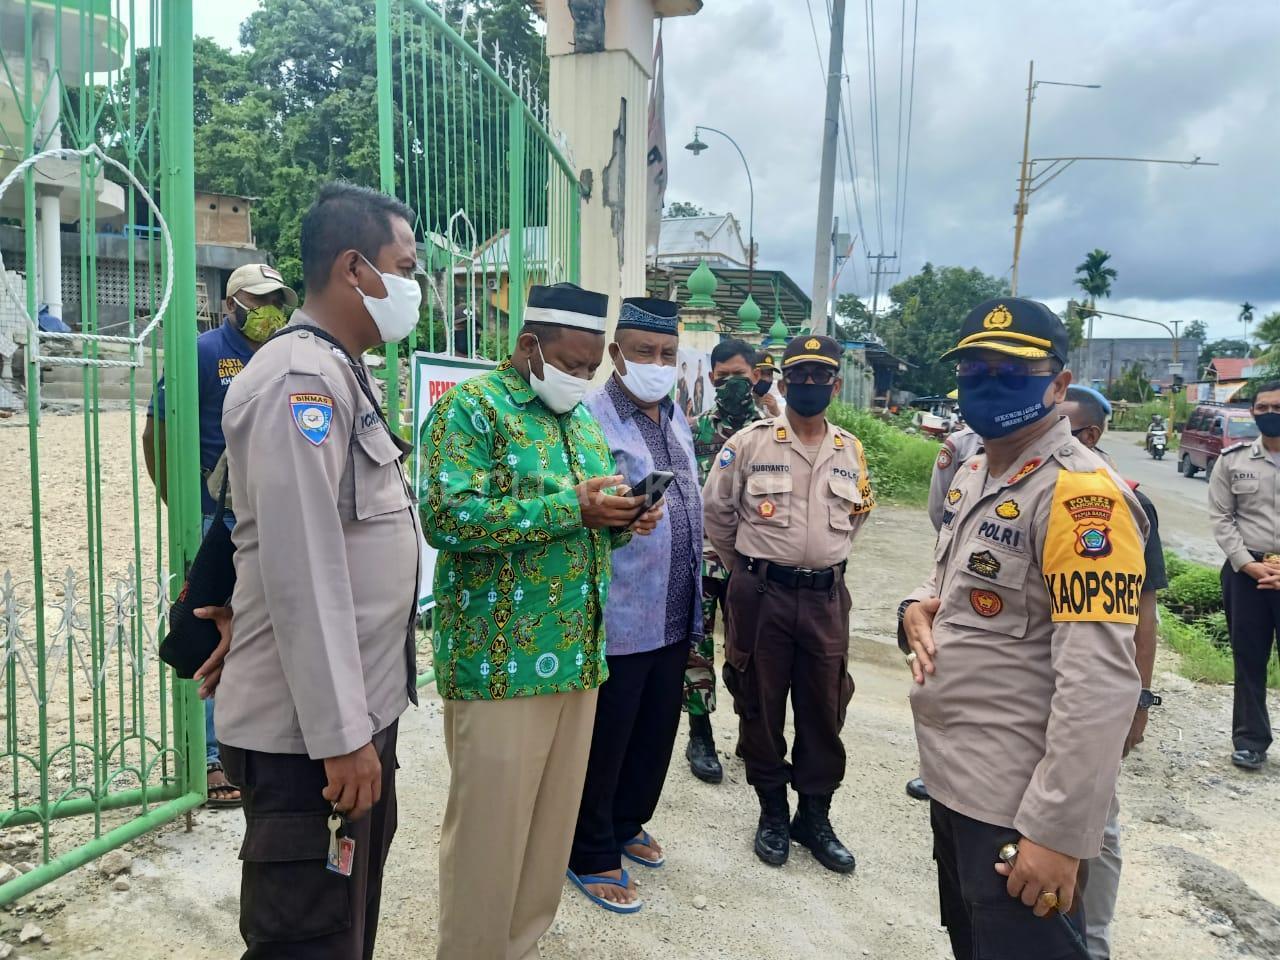 Polres Manokwari Gandeng MUI PB Gelar Patroli Pastikan Tidak Ada Shalat Jumat di Masjid Saat Covid-19 1 IMG 20200501 WA0085